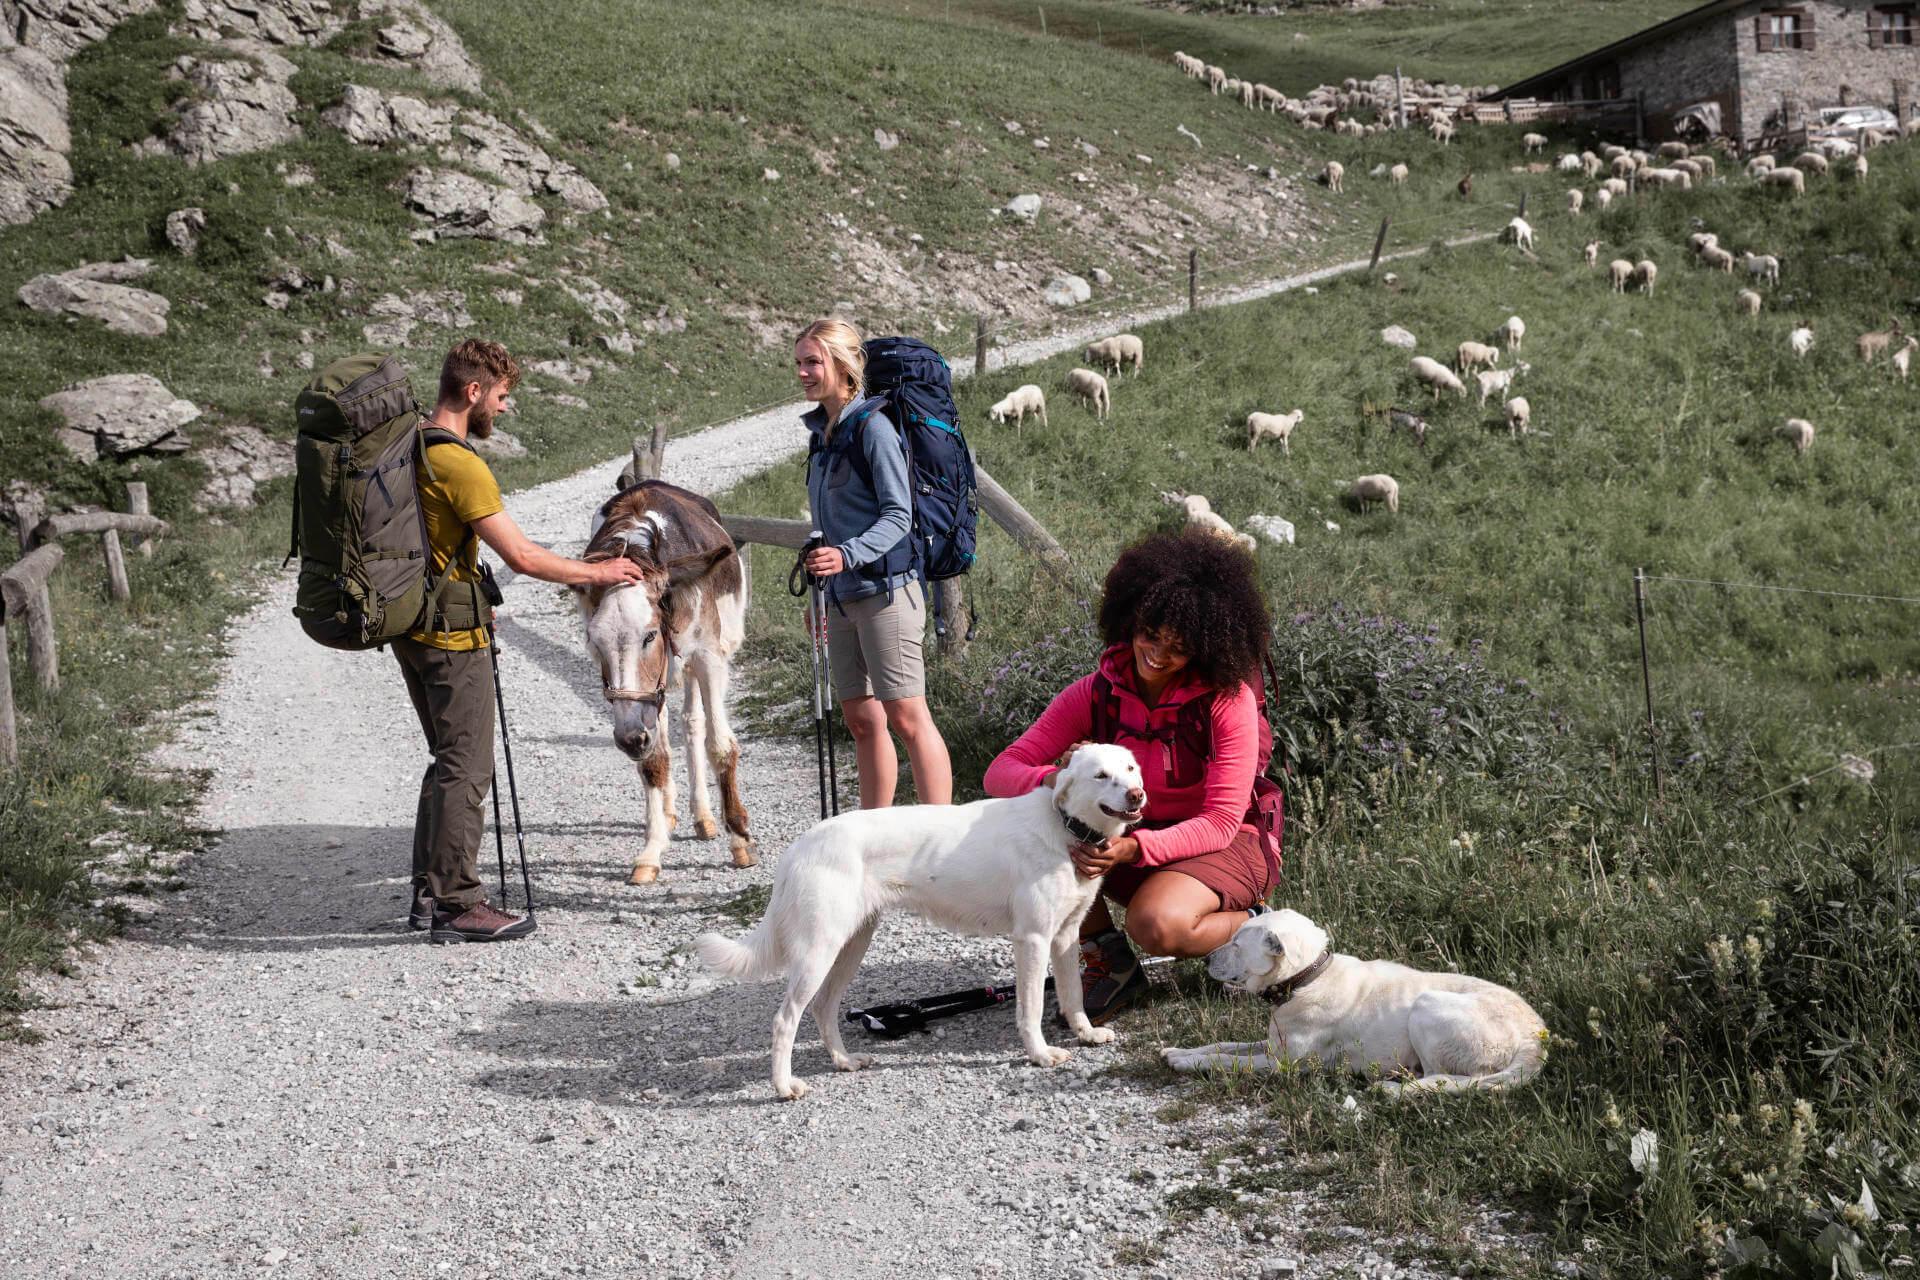 Hüttentouren planen und vorbereiten - Hunde und Essel begrüssen die Wanderer kurz vor der Hütte.